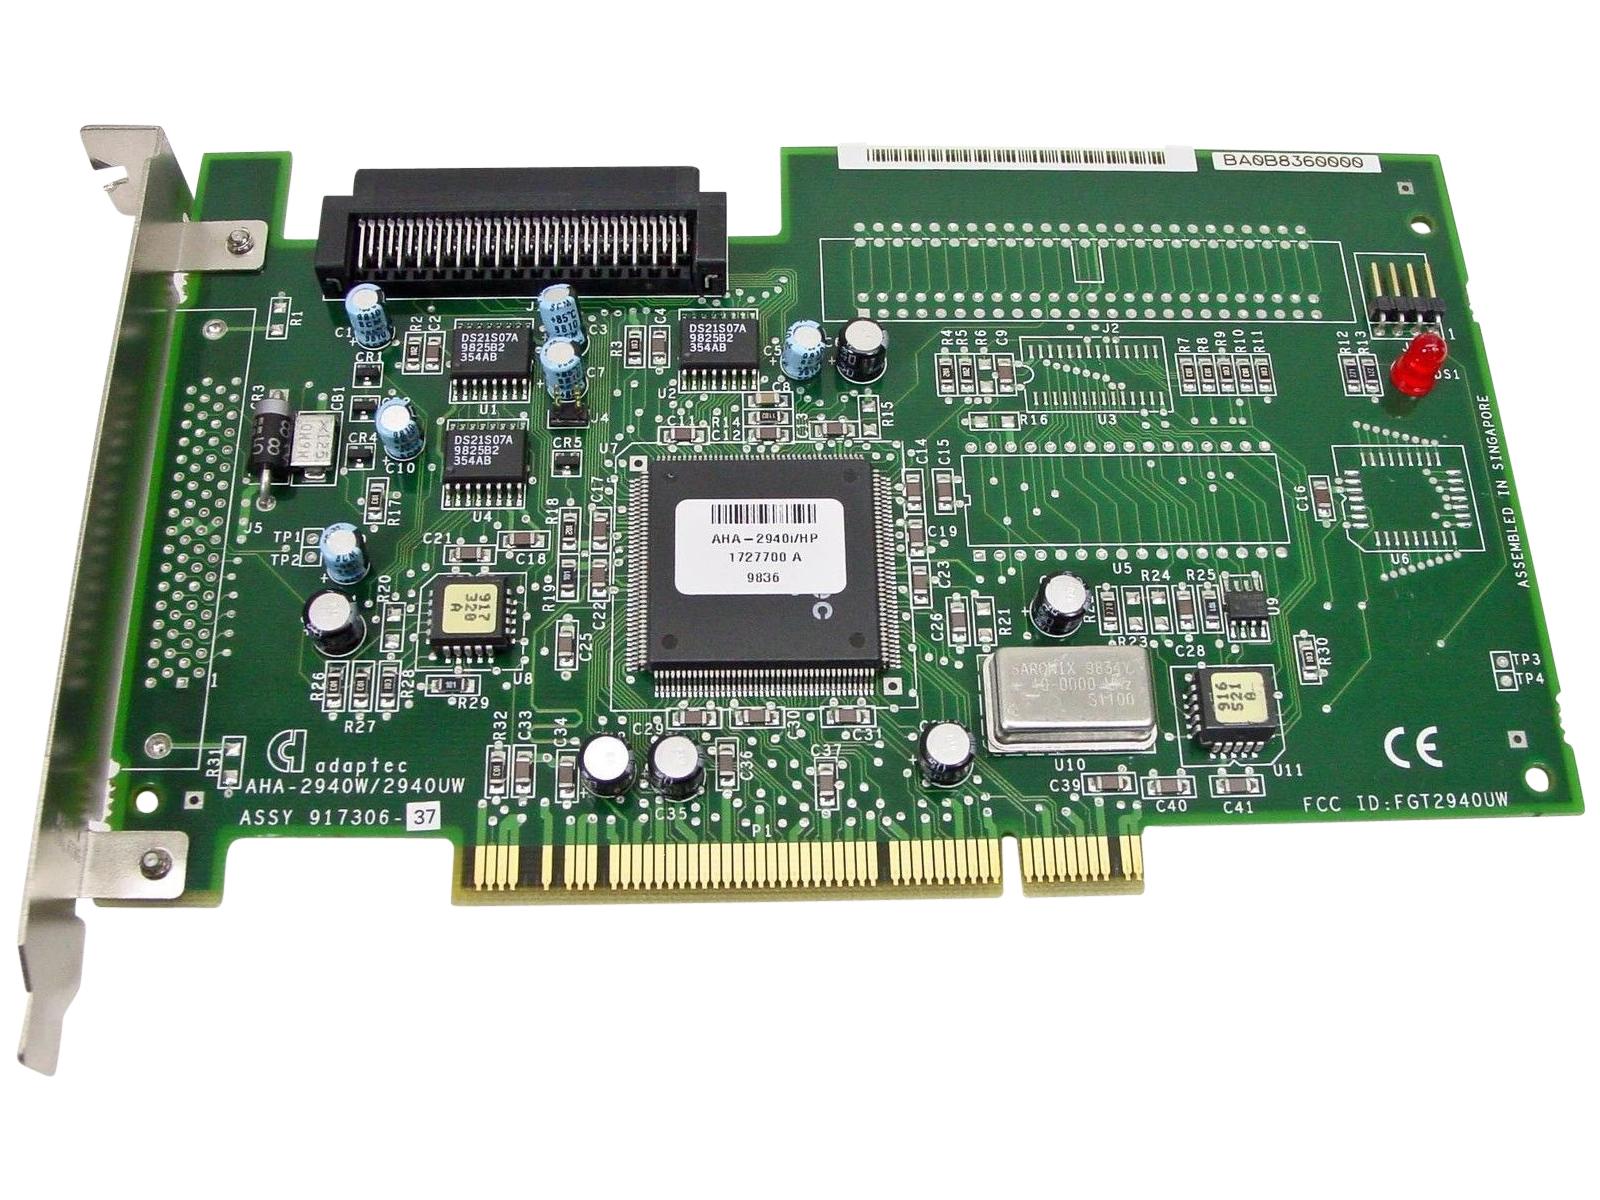 Adaptec Aha-2940I Pci Scsi Controller